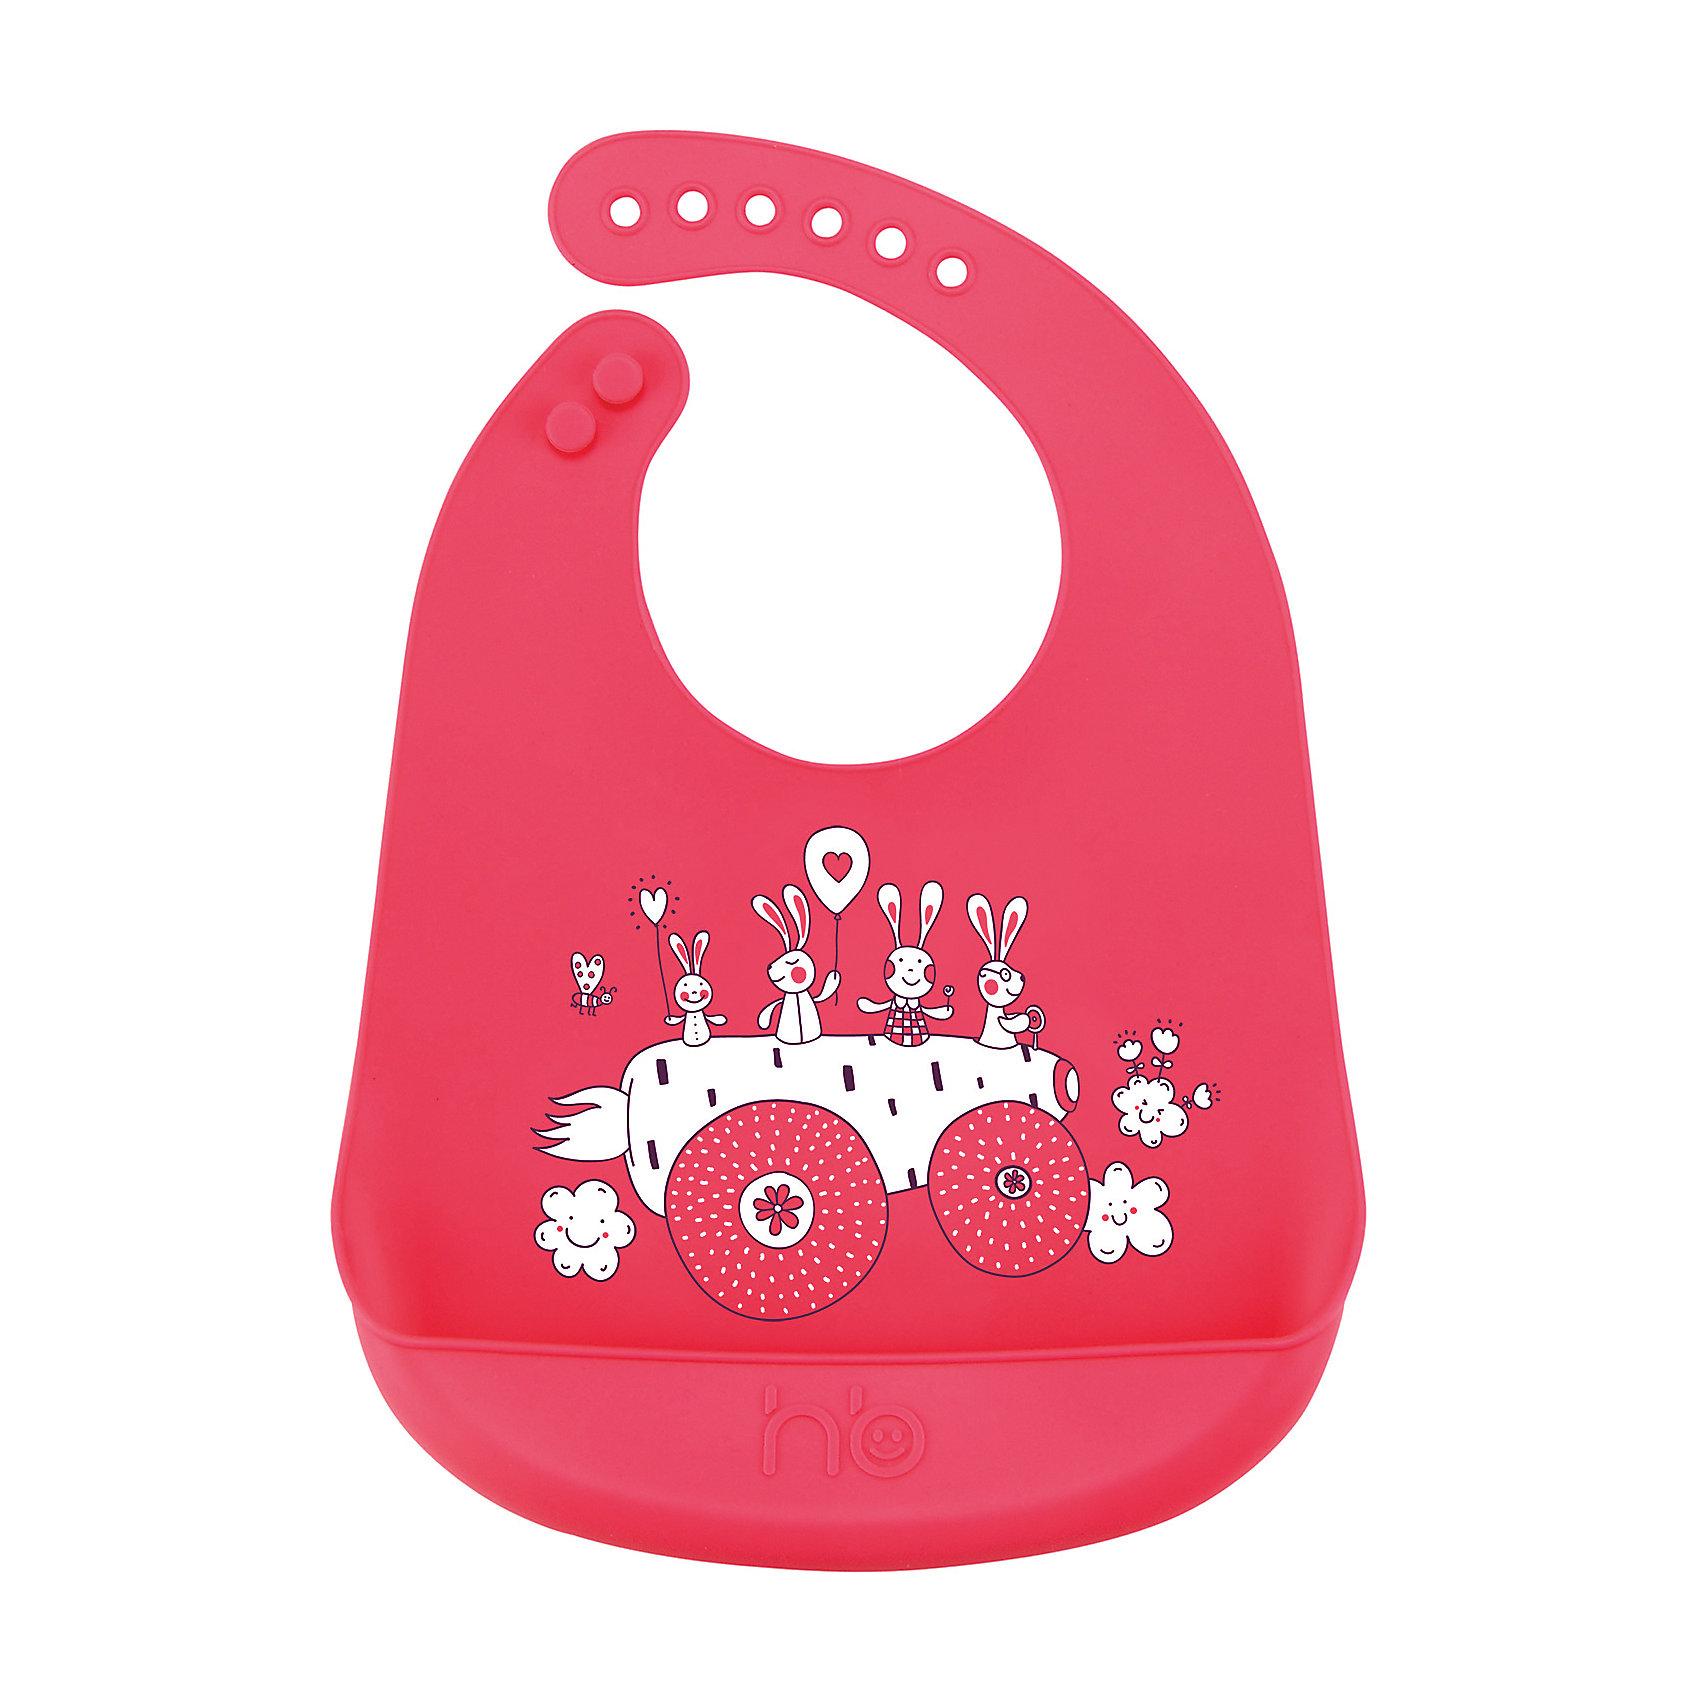 Нагрудник силиконовый мягкий Bib Pocket, Happy Baby, красный